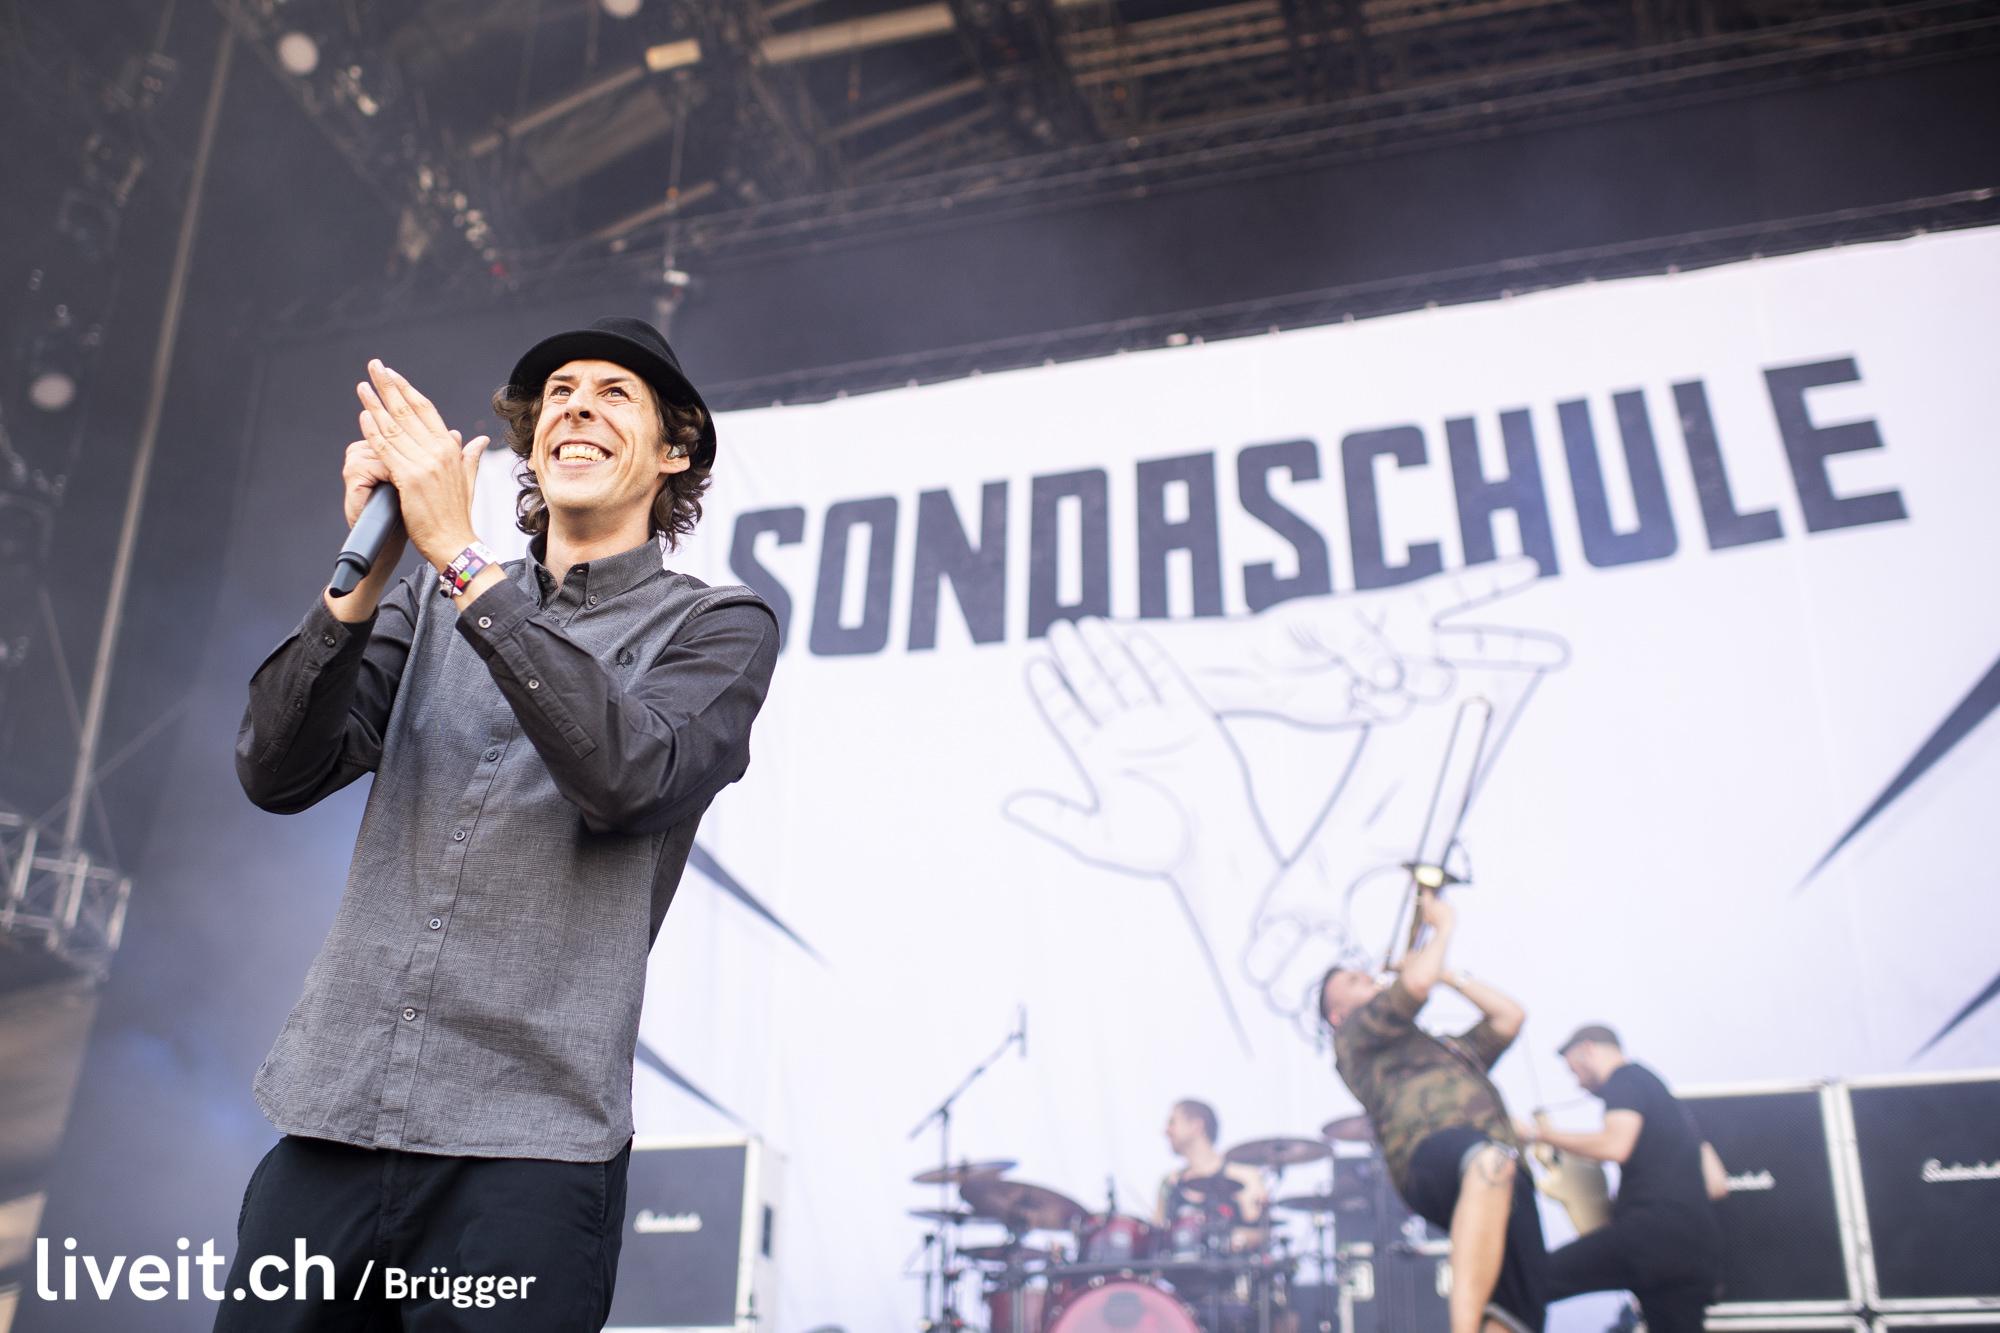 SCHWEIZ GREENFIELD FESTIVAL 2019 Sonderschule